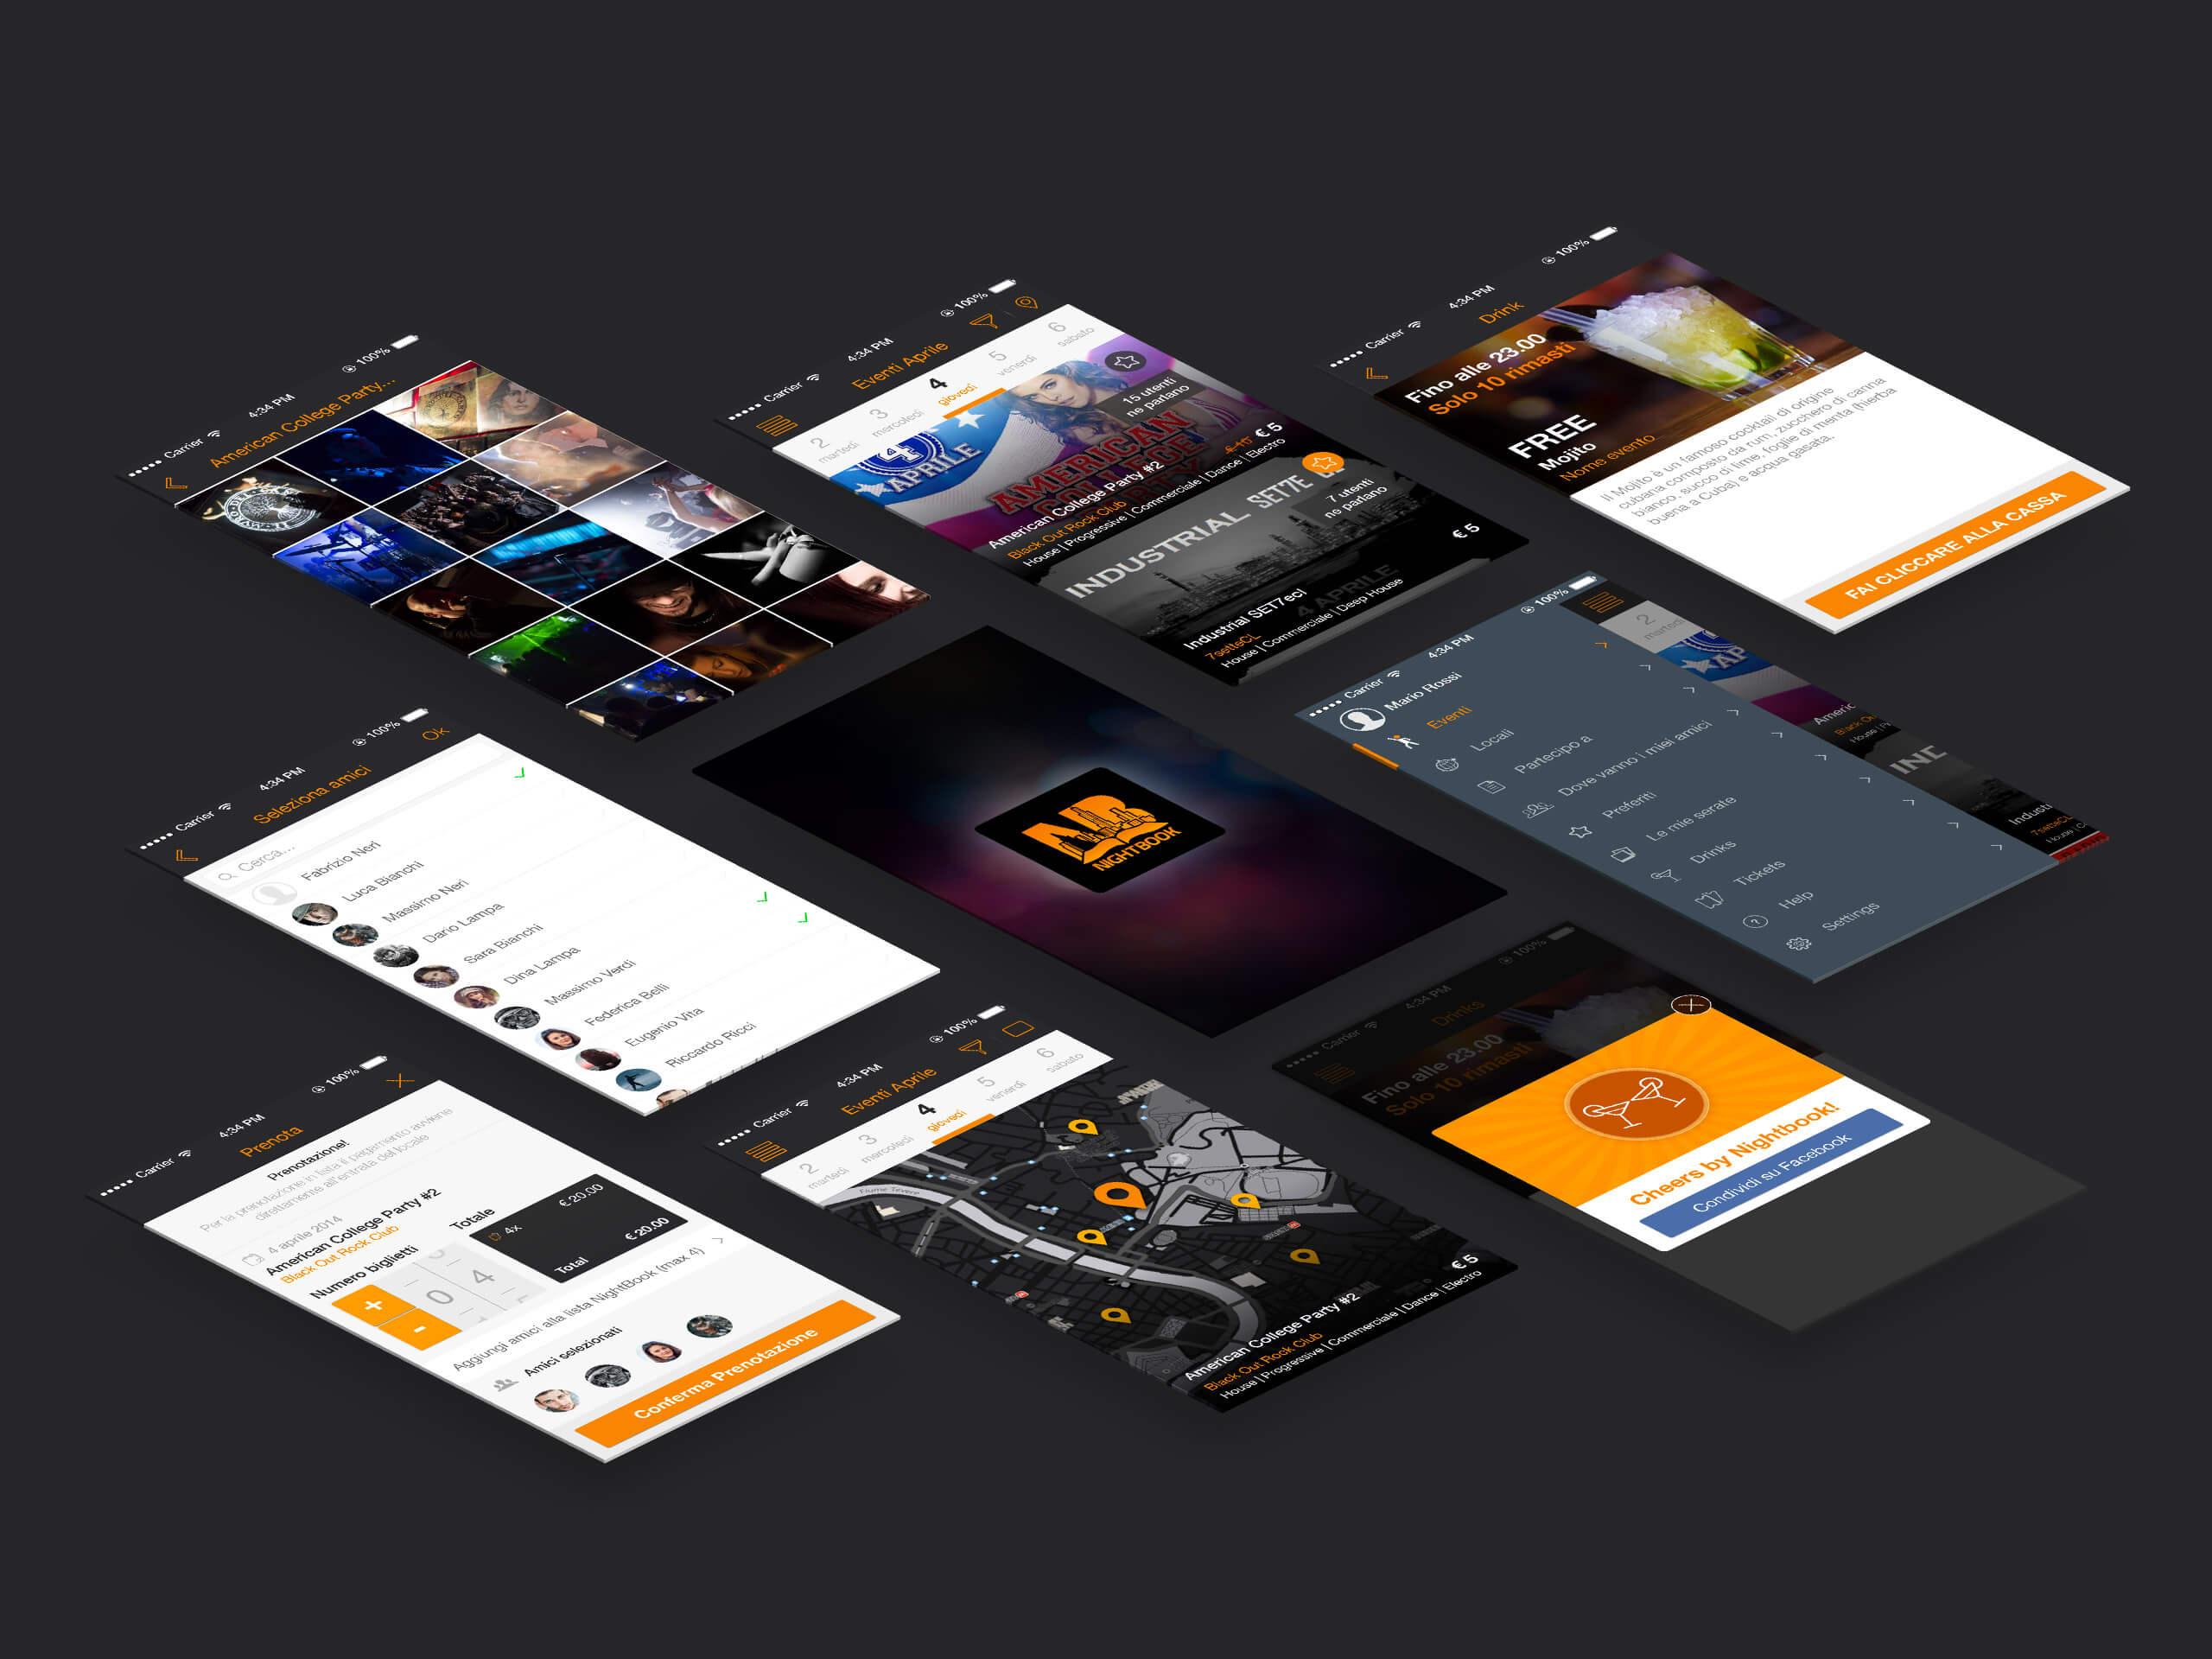 nightbook-app_screens